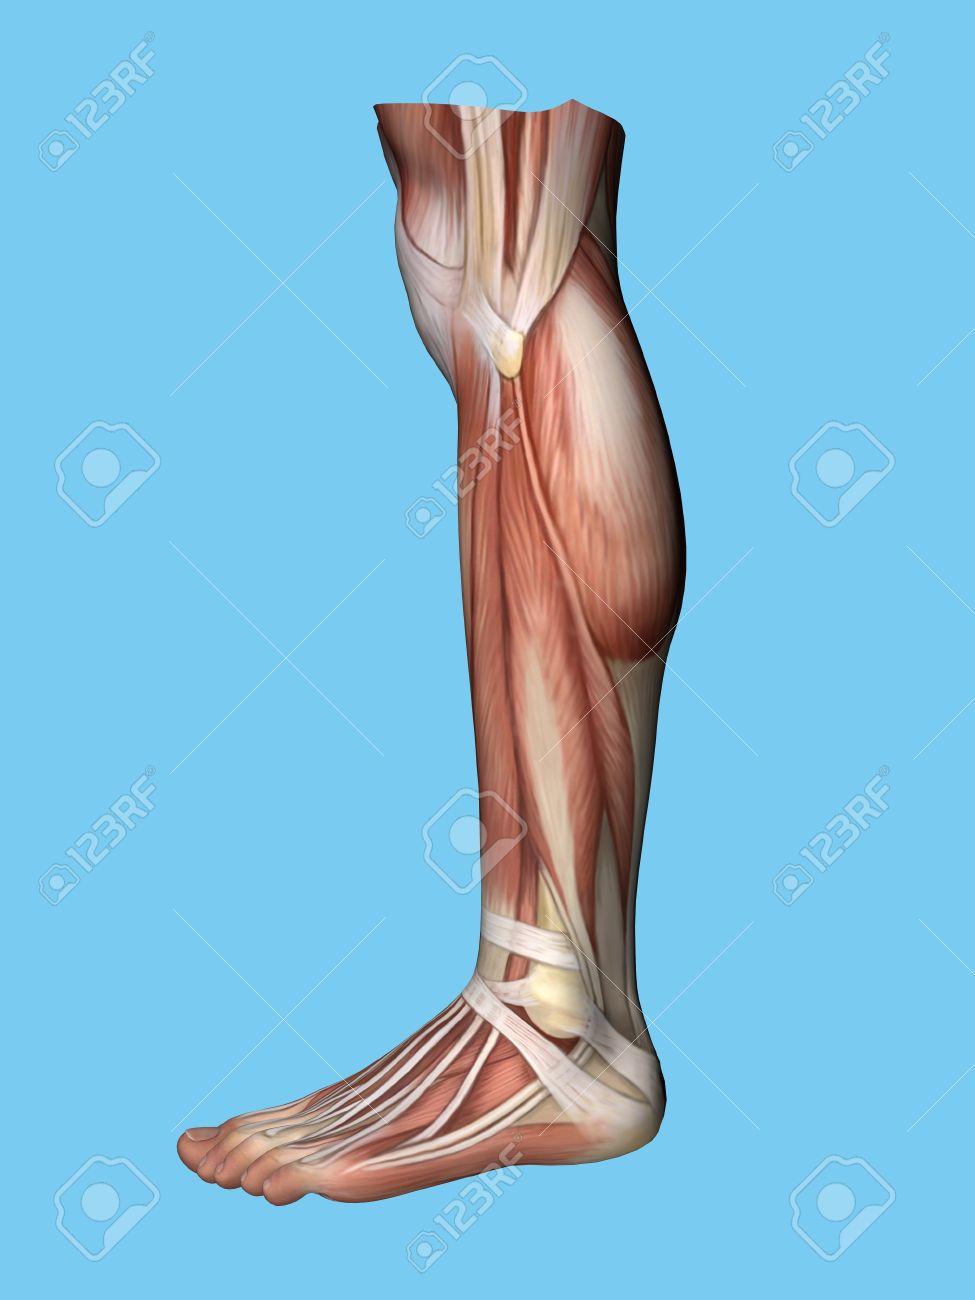 Musculos extensores y flexores de las piernas